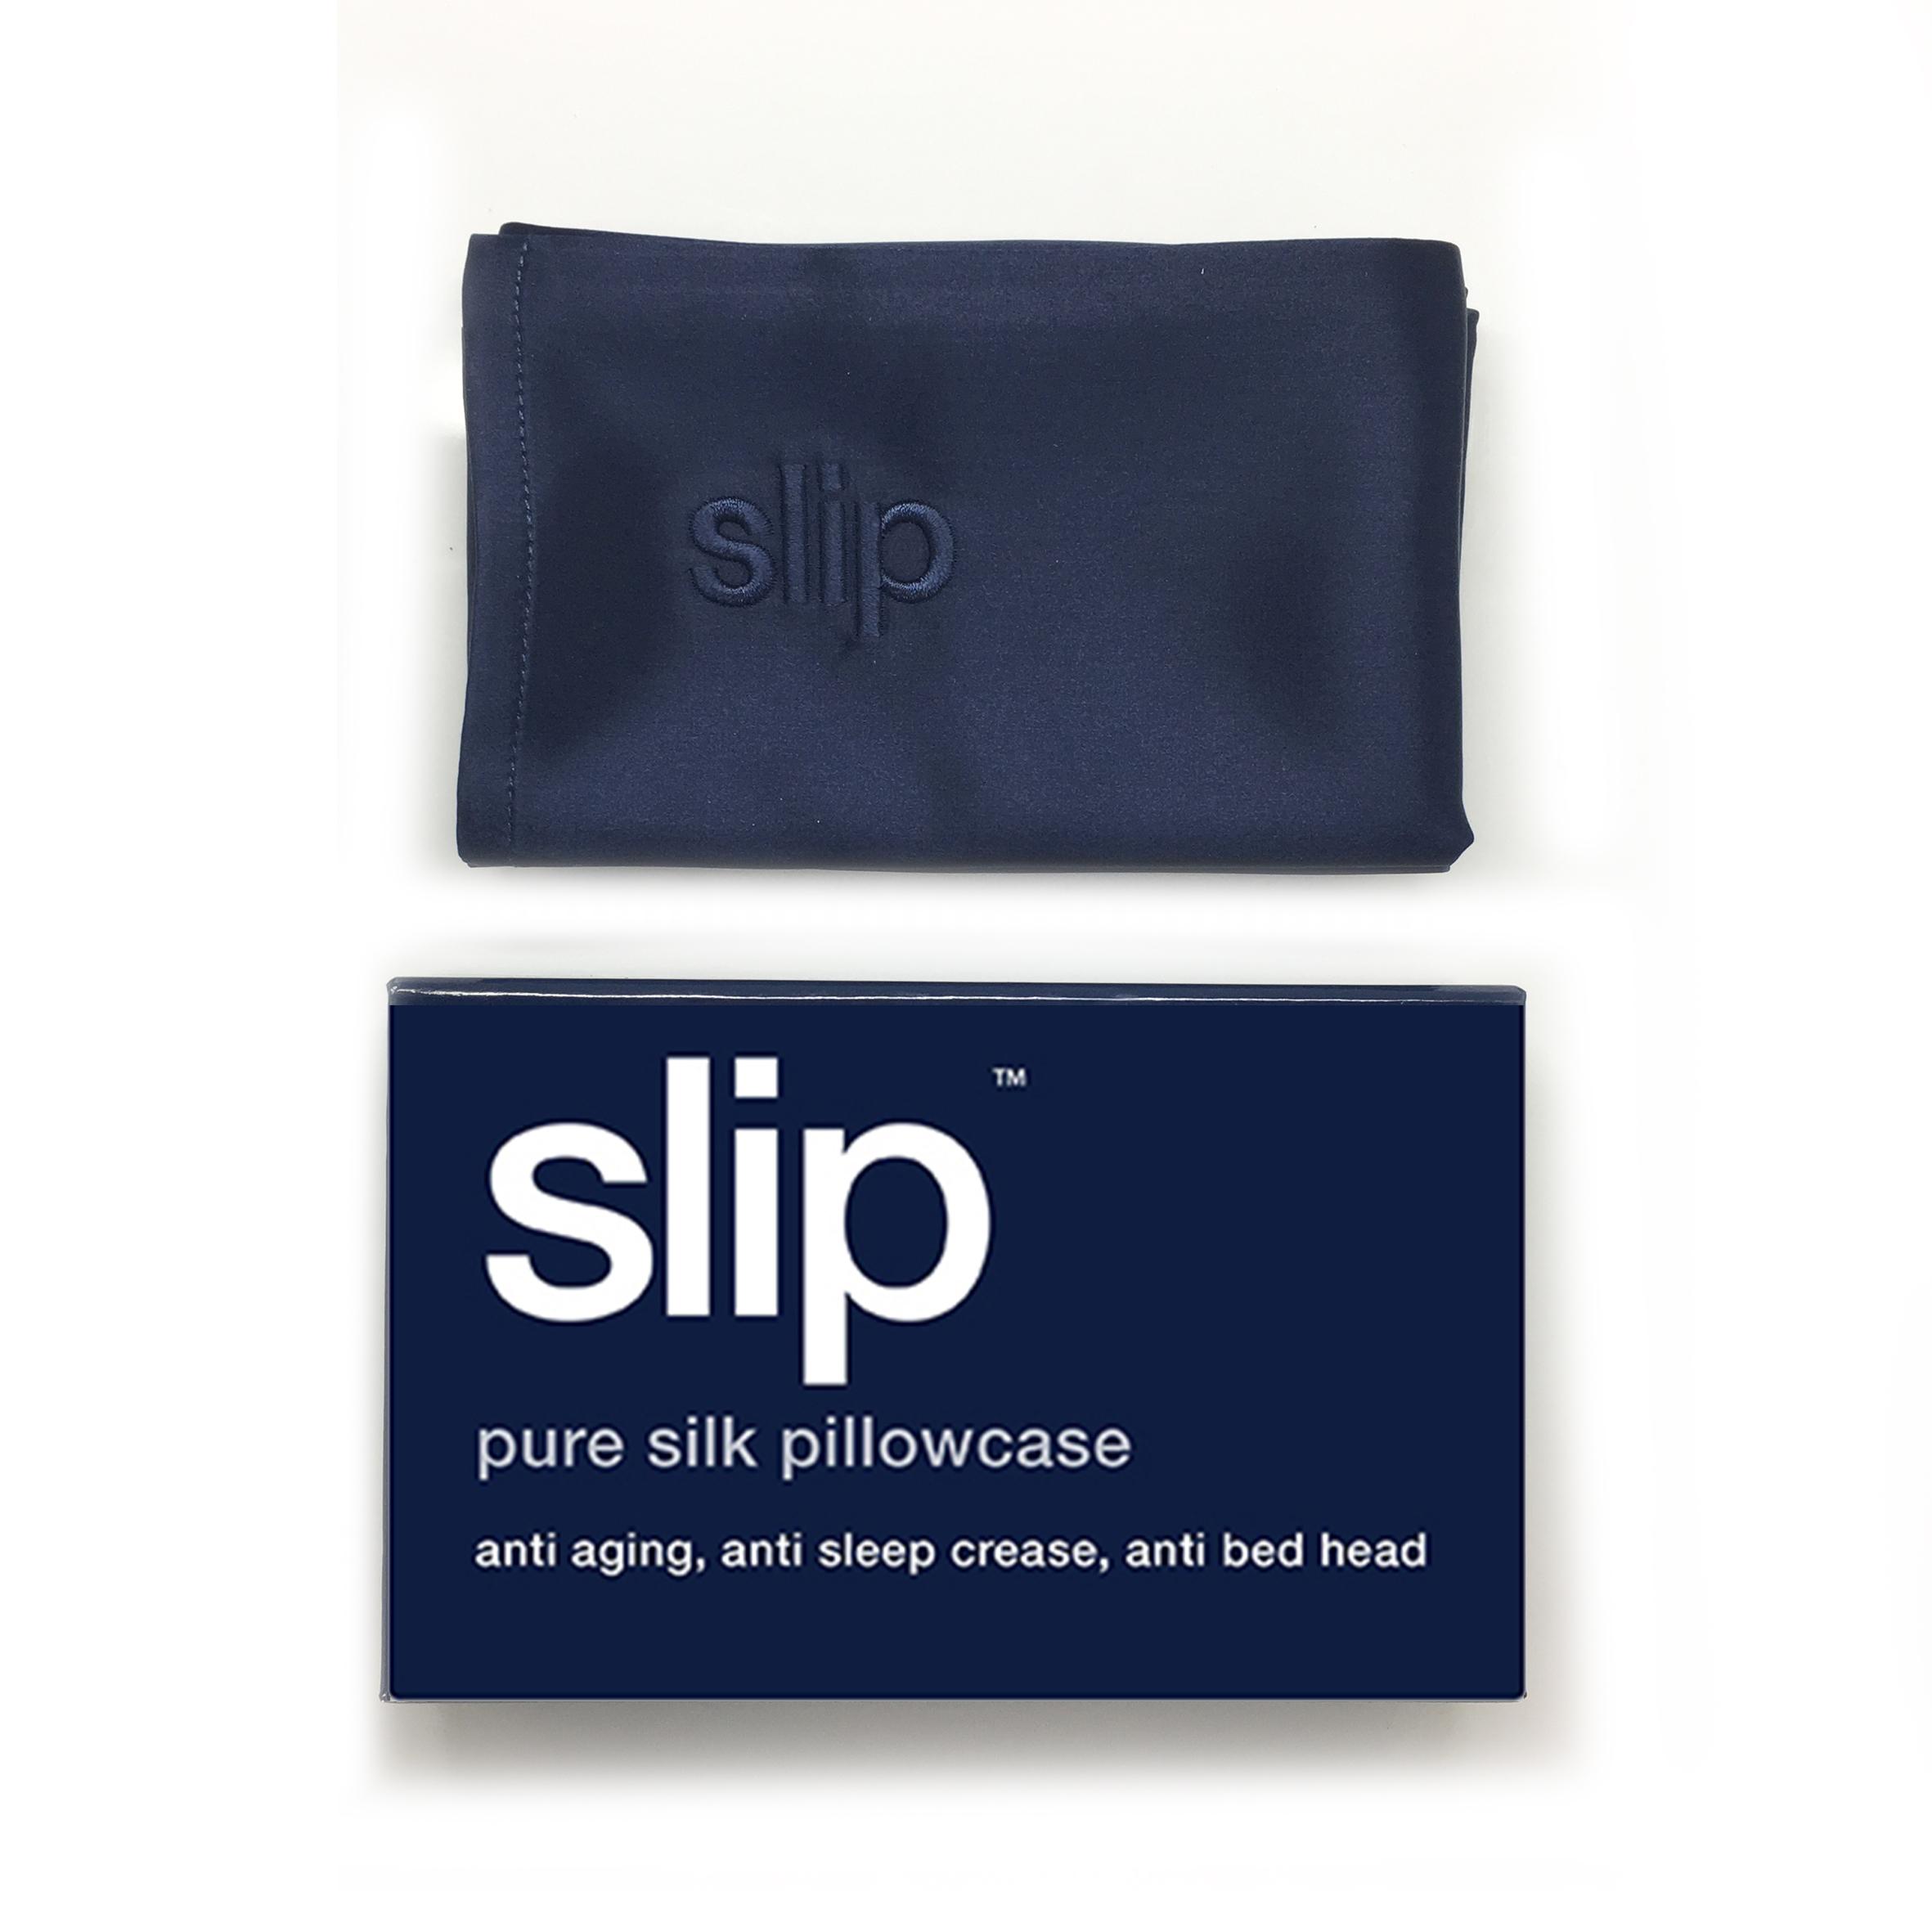 Slip Navy Pillowcase 2.jpg